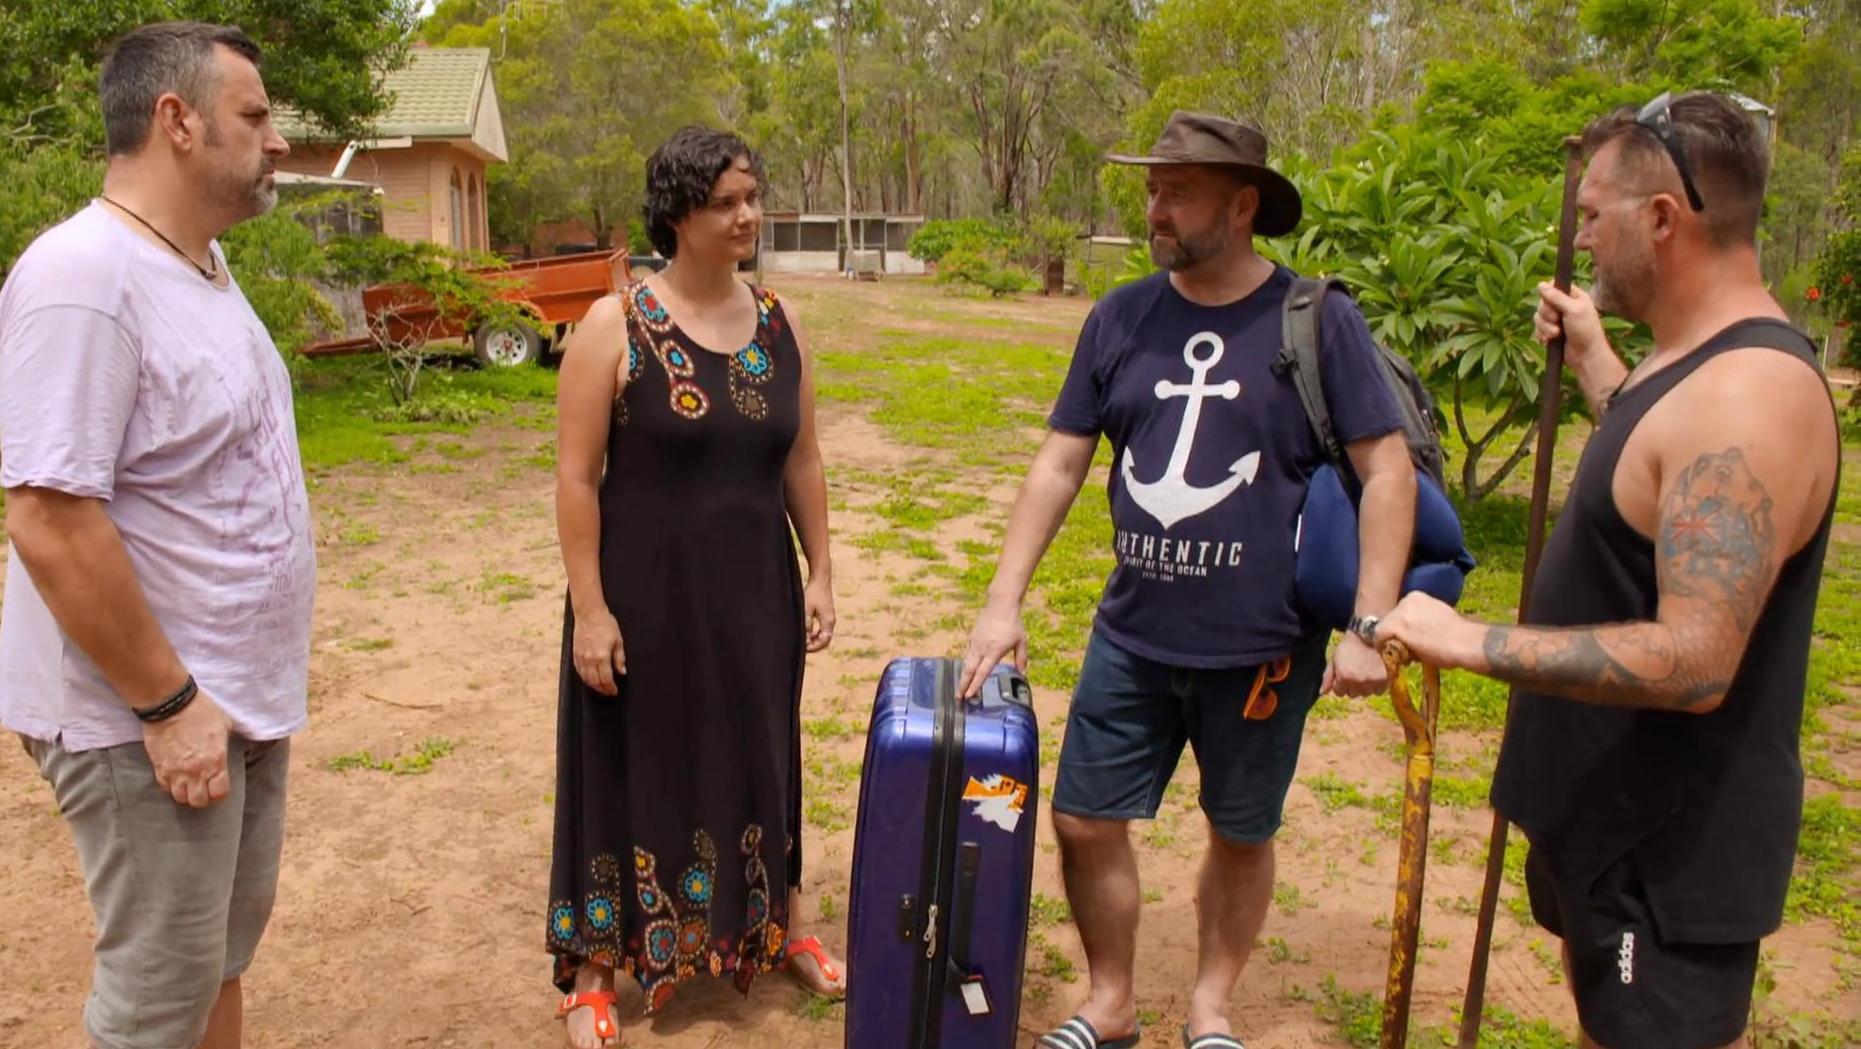 Frauen suchen männer perth australien